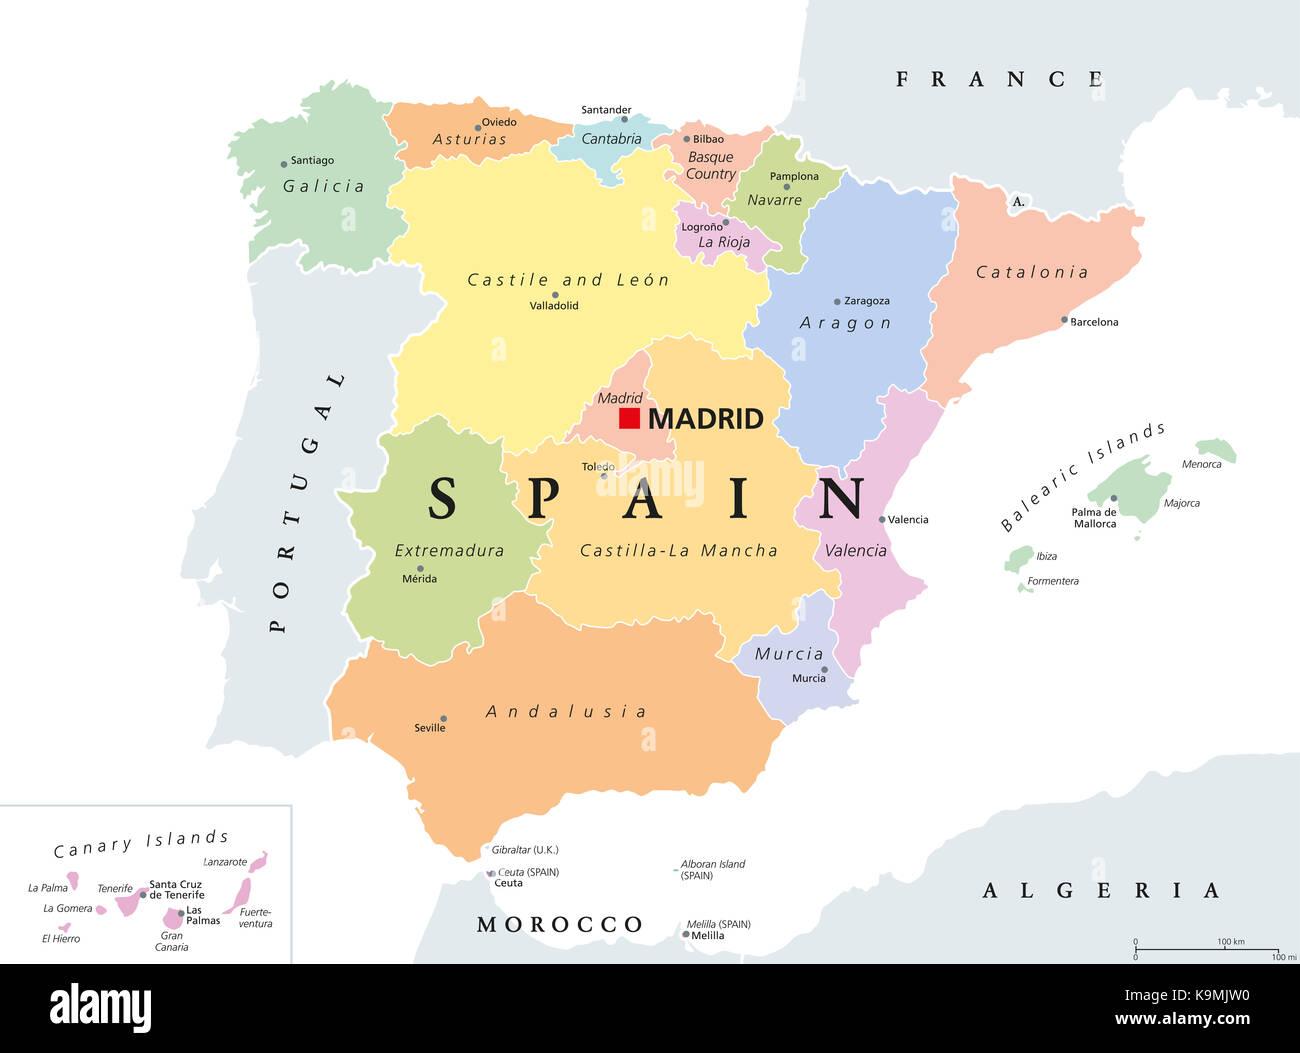 mapa da espanha e suas provincias Comunidades autónomas de Espanha mapa político. divisões  mapa da espanha e suas provincias